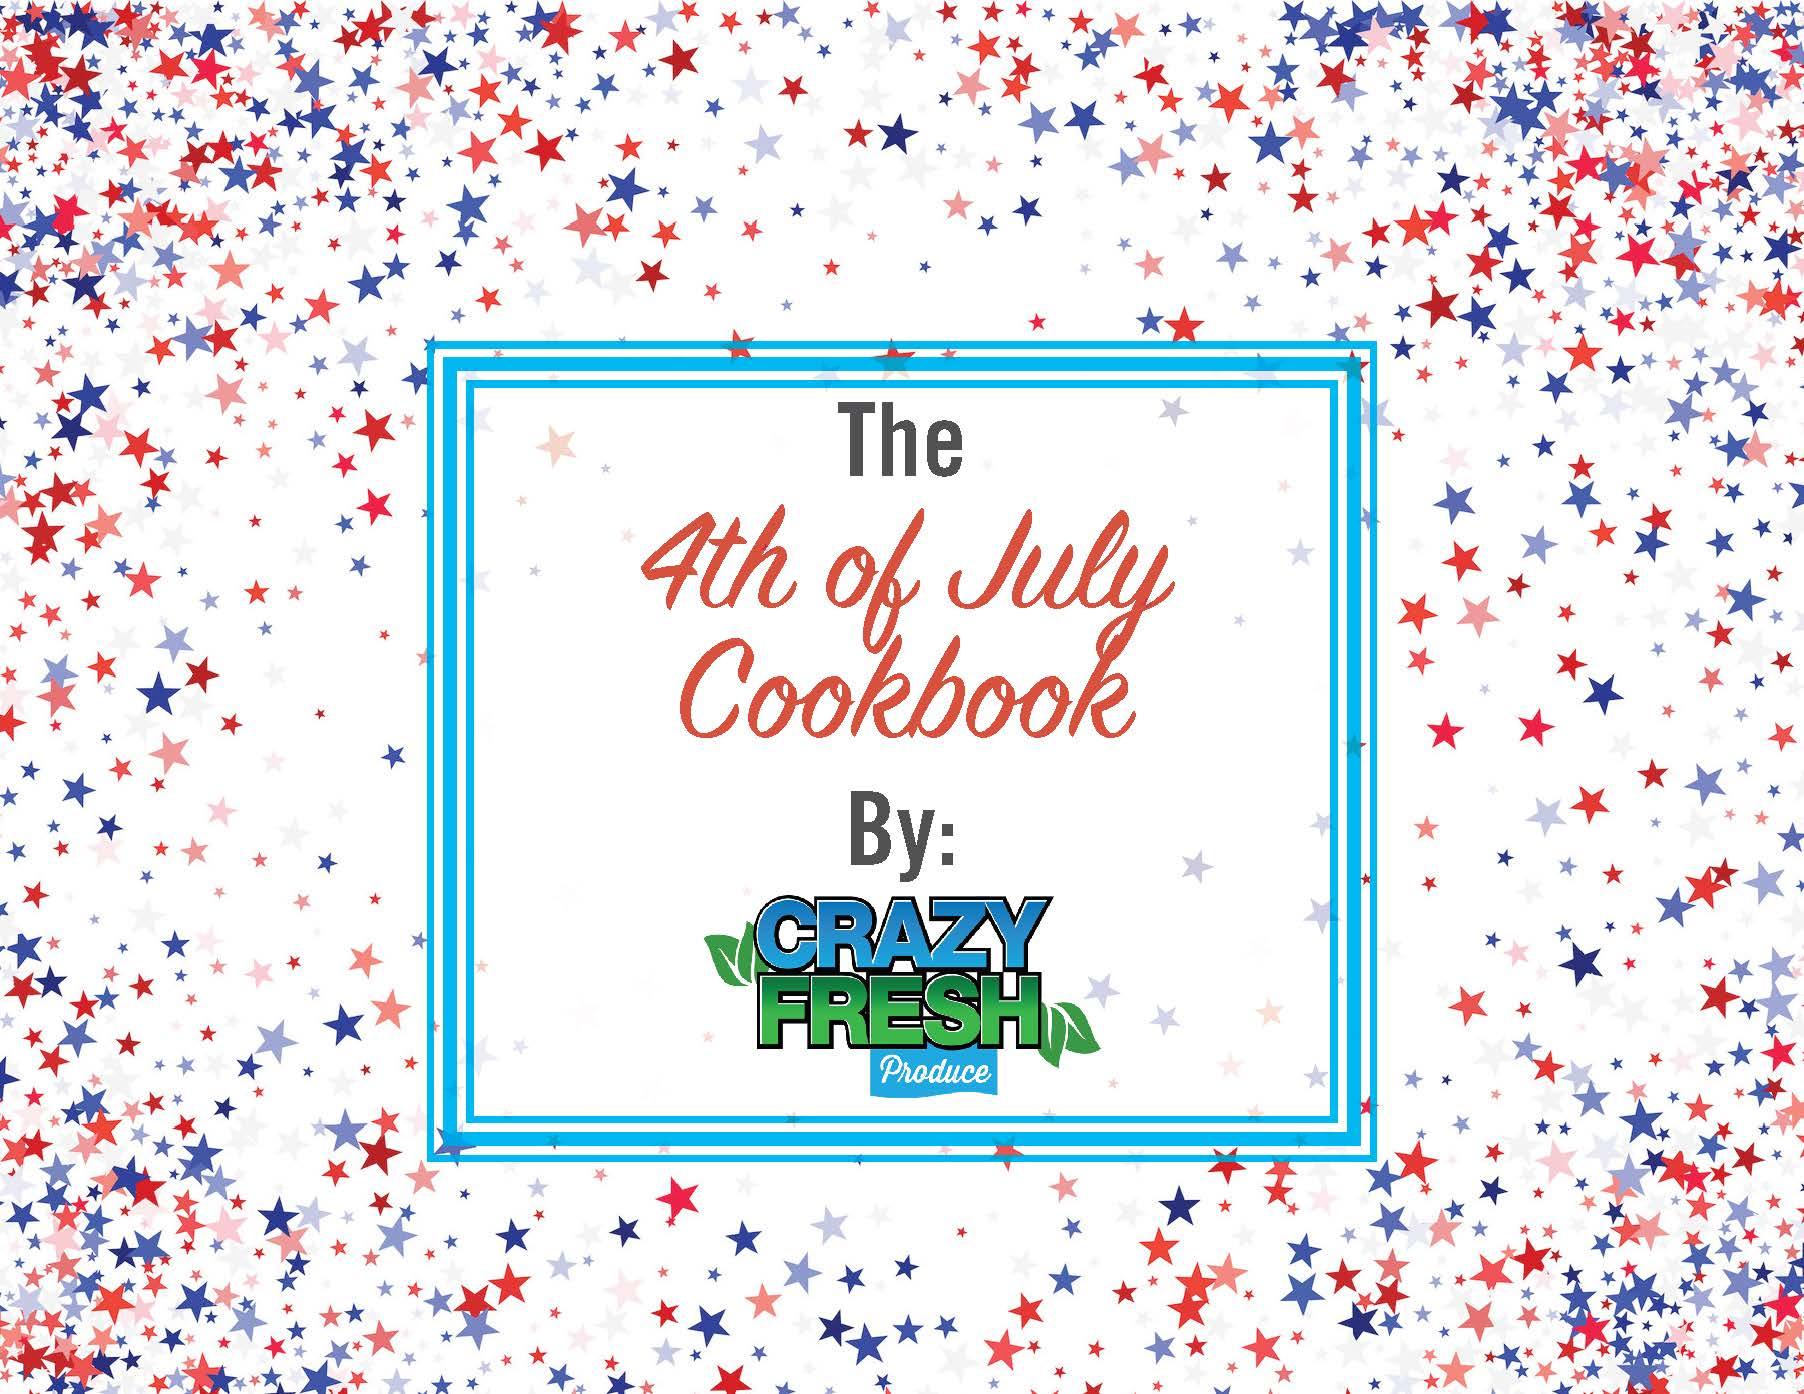 4thofJuly_Cookbook_2019_Page_1.jpg